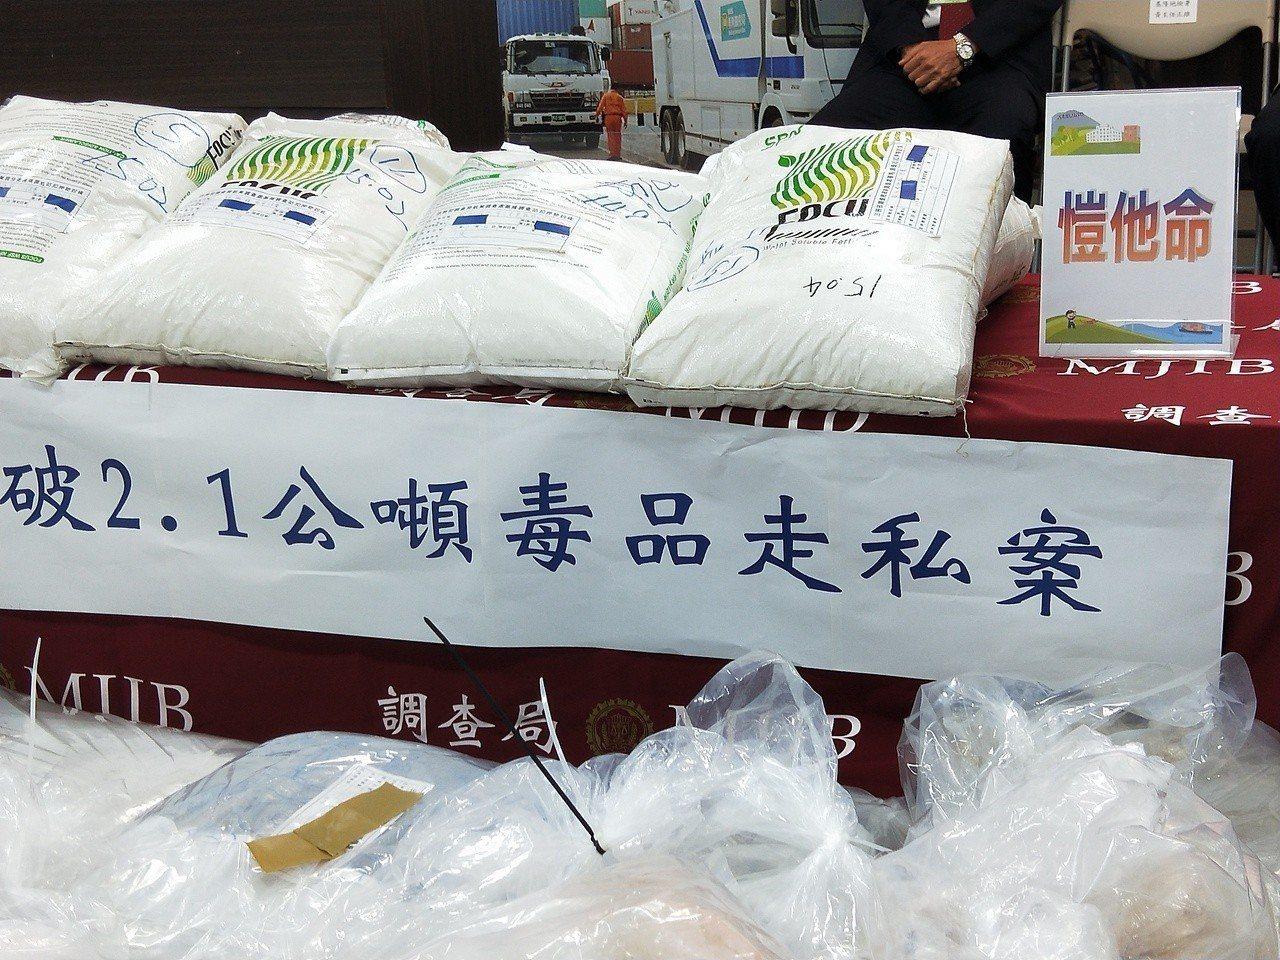 販毒集團疑以「化整為零」的方式,從大陸報關進口,將毒品分別夾藏在橡膠捏合機具、茶...